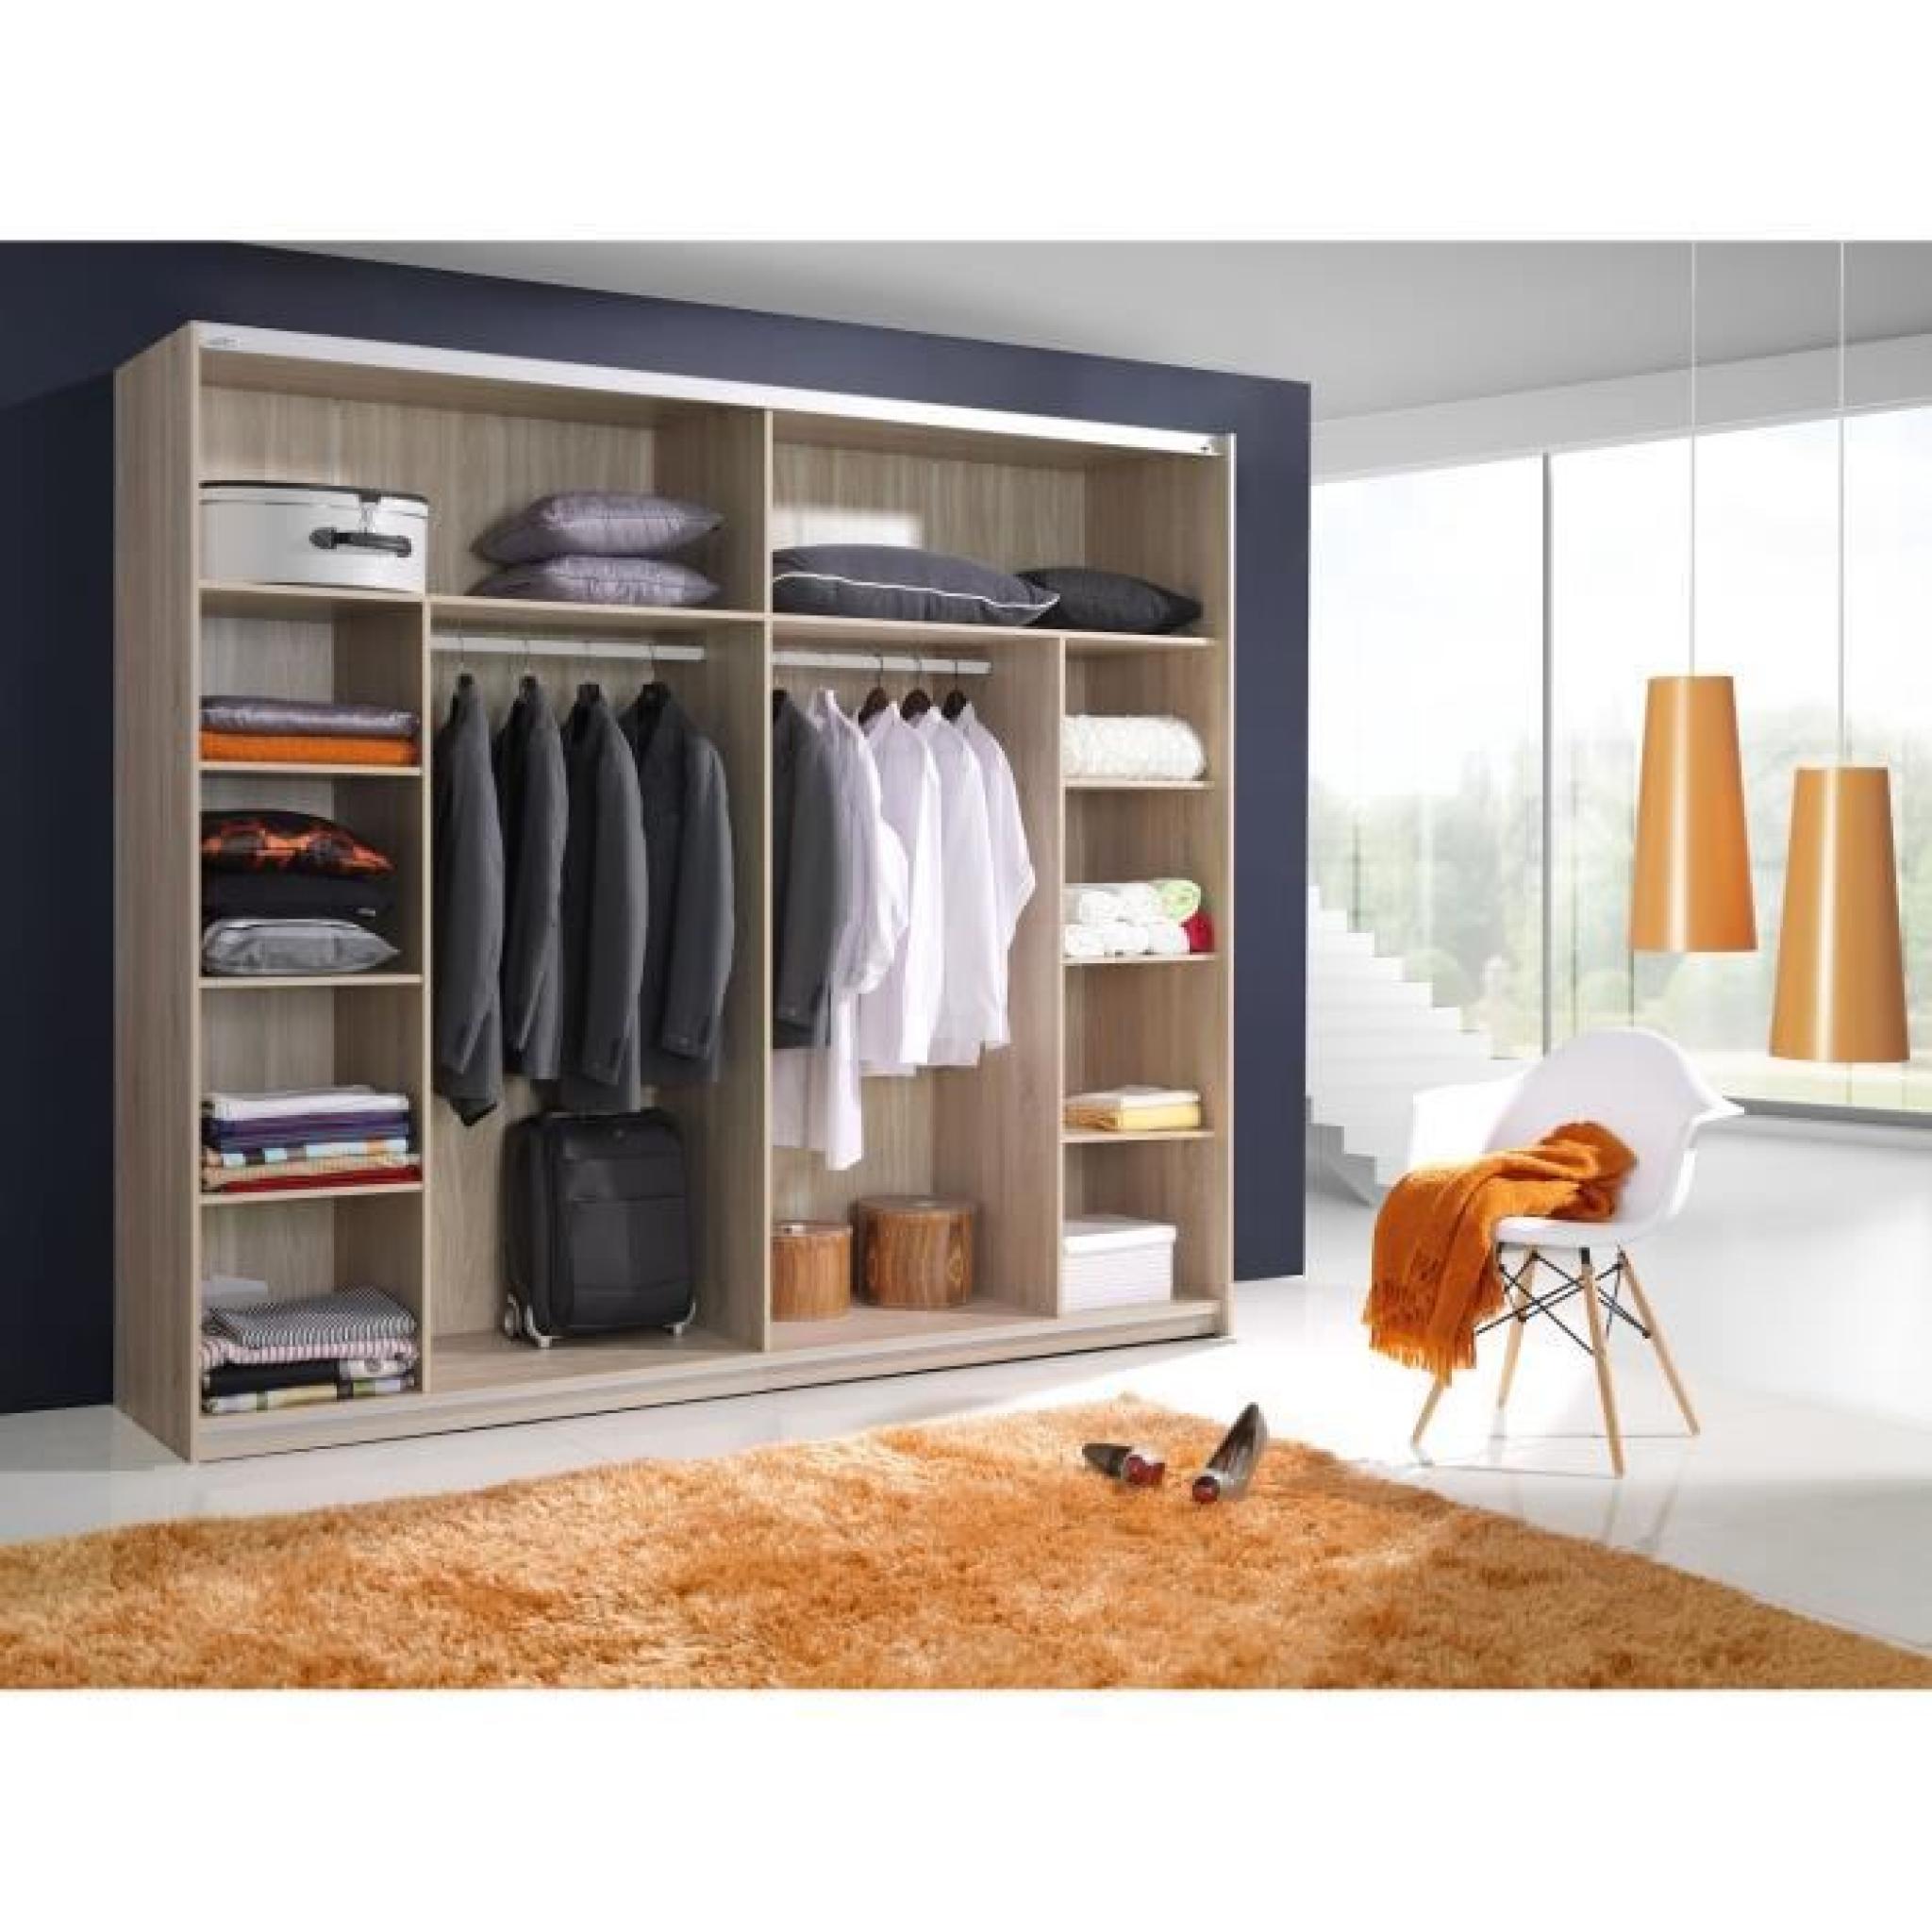 Chambre coucher compl te saragossa achat vente chambre Chambre complete design pas cher